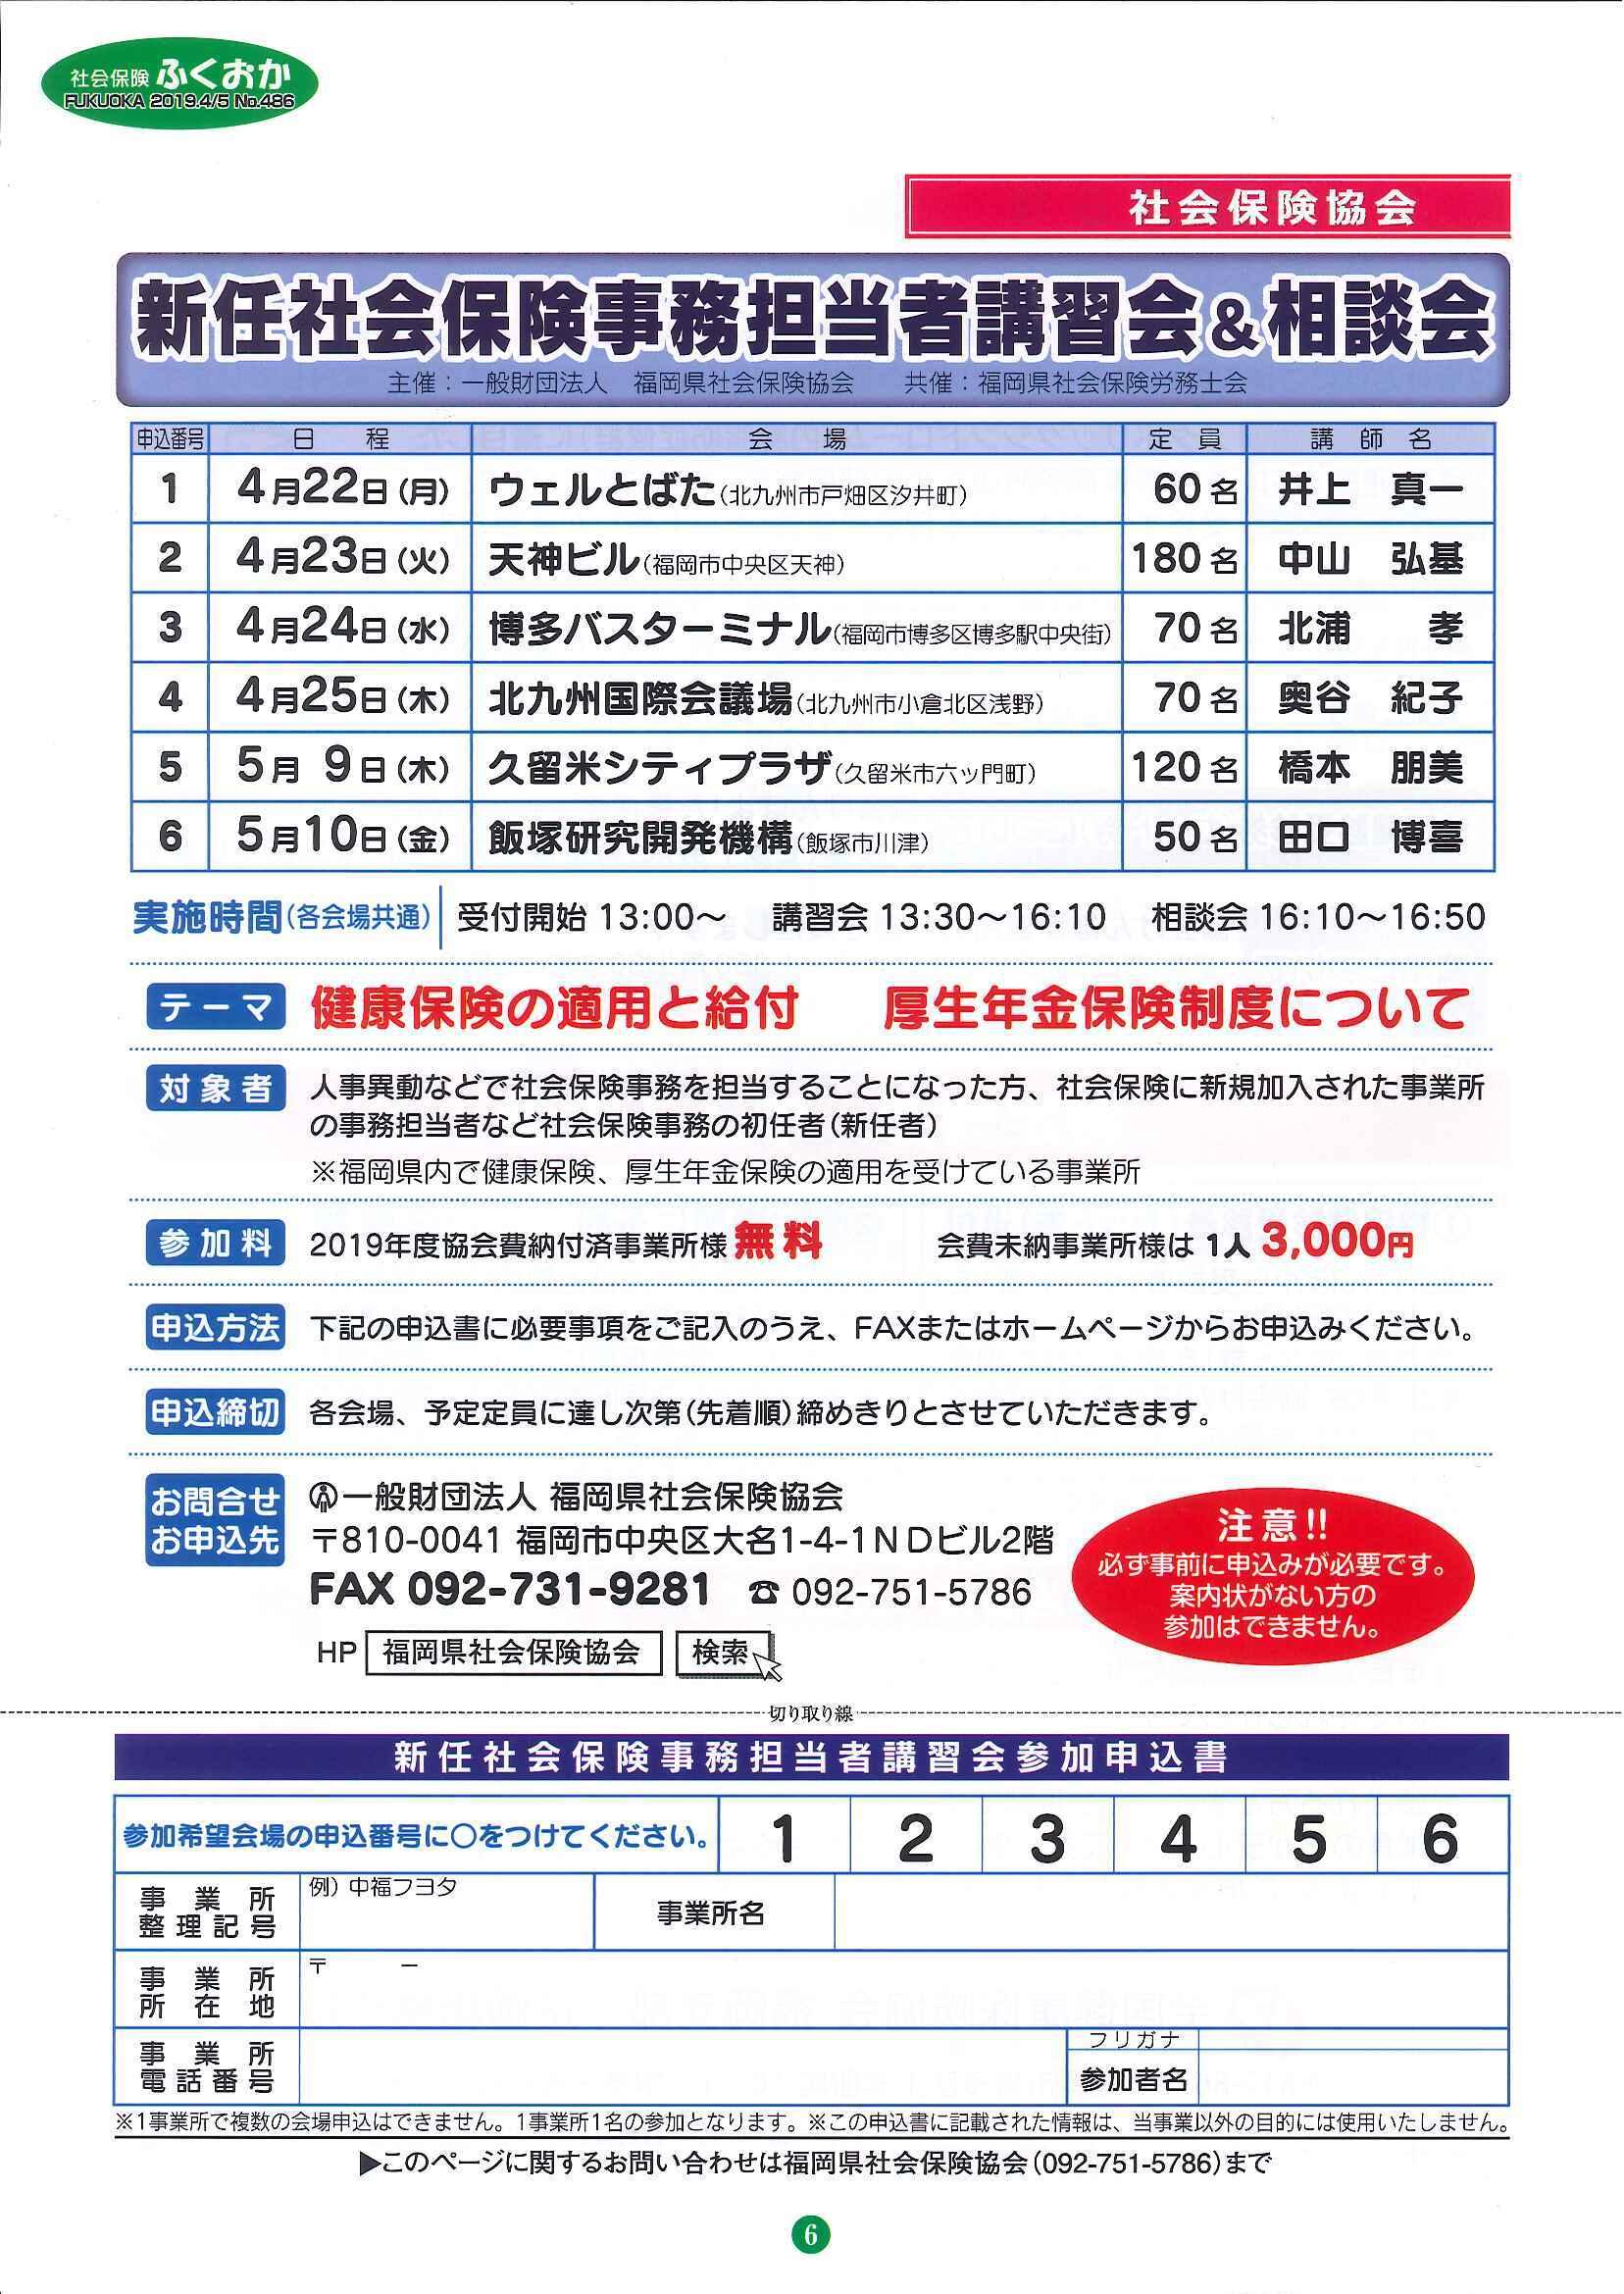 社会保険 ふくおか 2019年4・5月号_f0120774_15083247.jpg